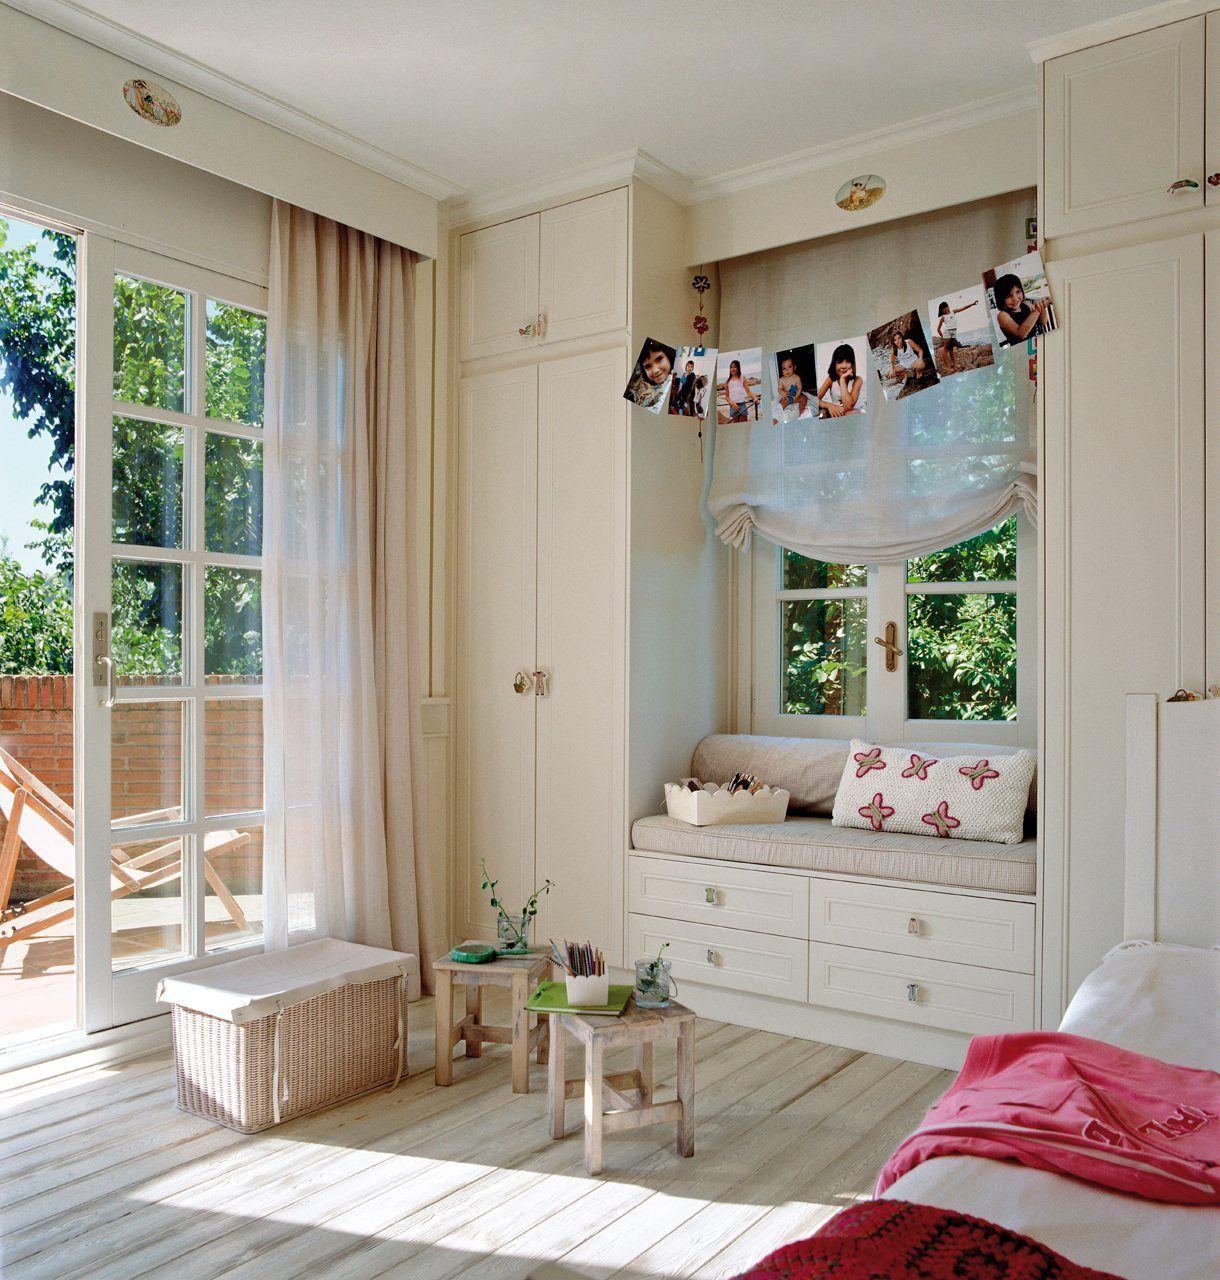 Aqu se ha rodeado la ventana de soluciones a medida dos - Sillon para dormitorio ...